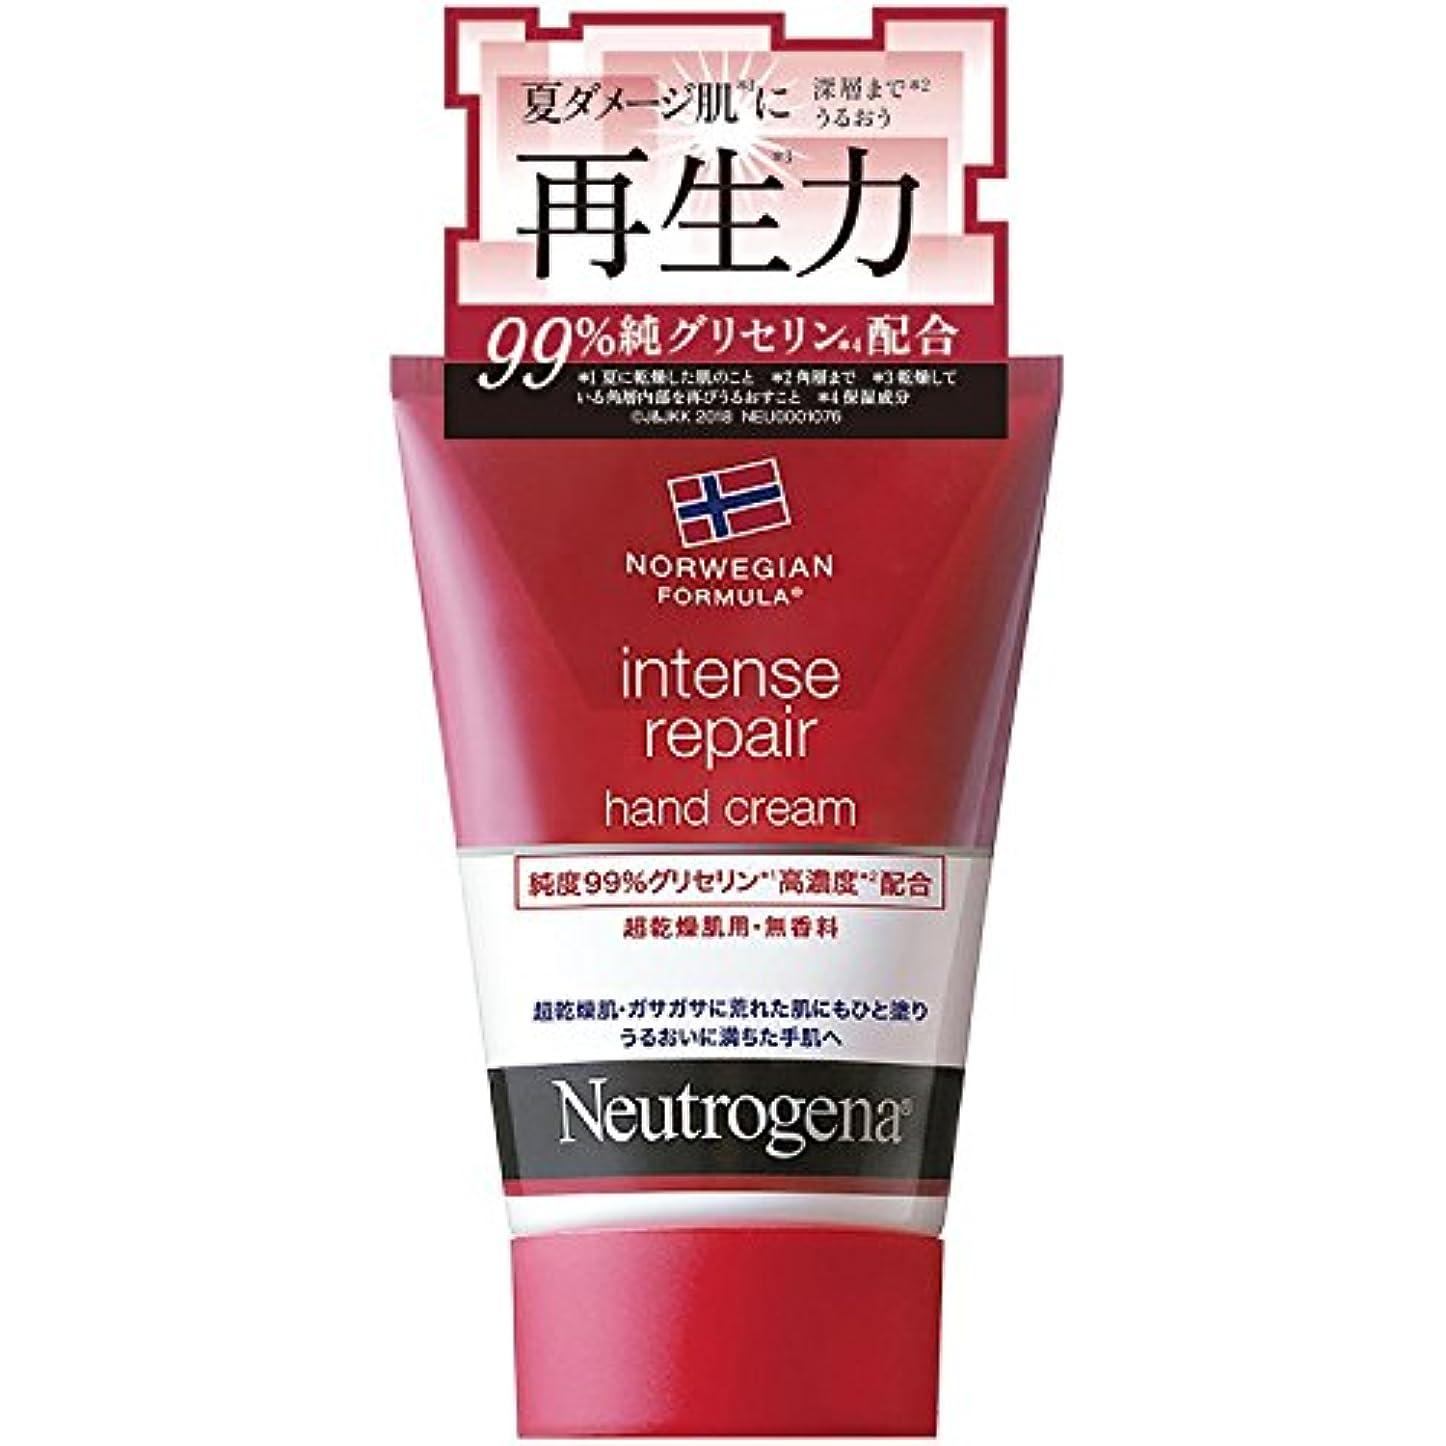 周術期チキンフォアマンNeutrogena(ニュートロジーナ) ノルウェーフォーミュラ インテンスリペア ハンドクリーム 超乾燥肌用 無香料 単品 50g